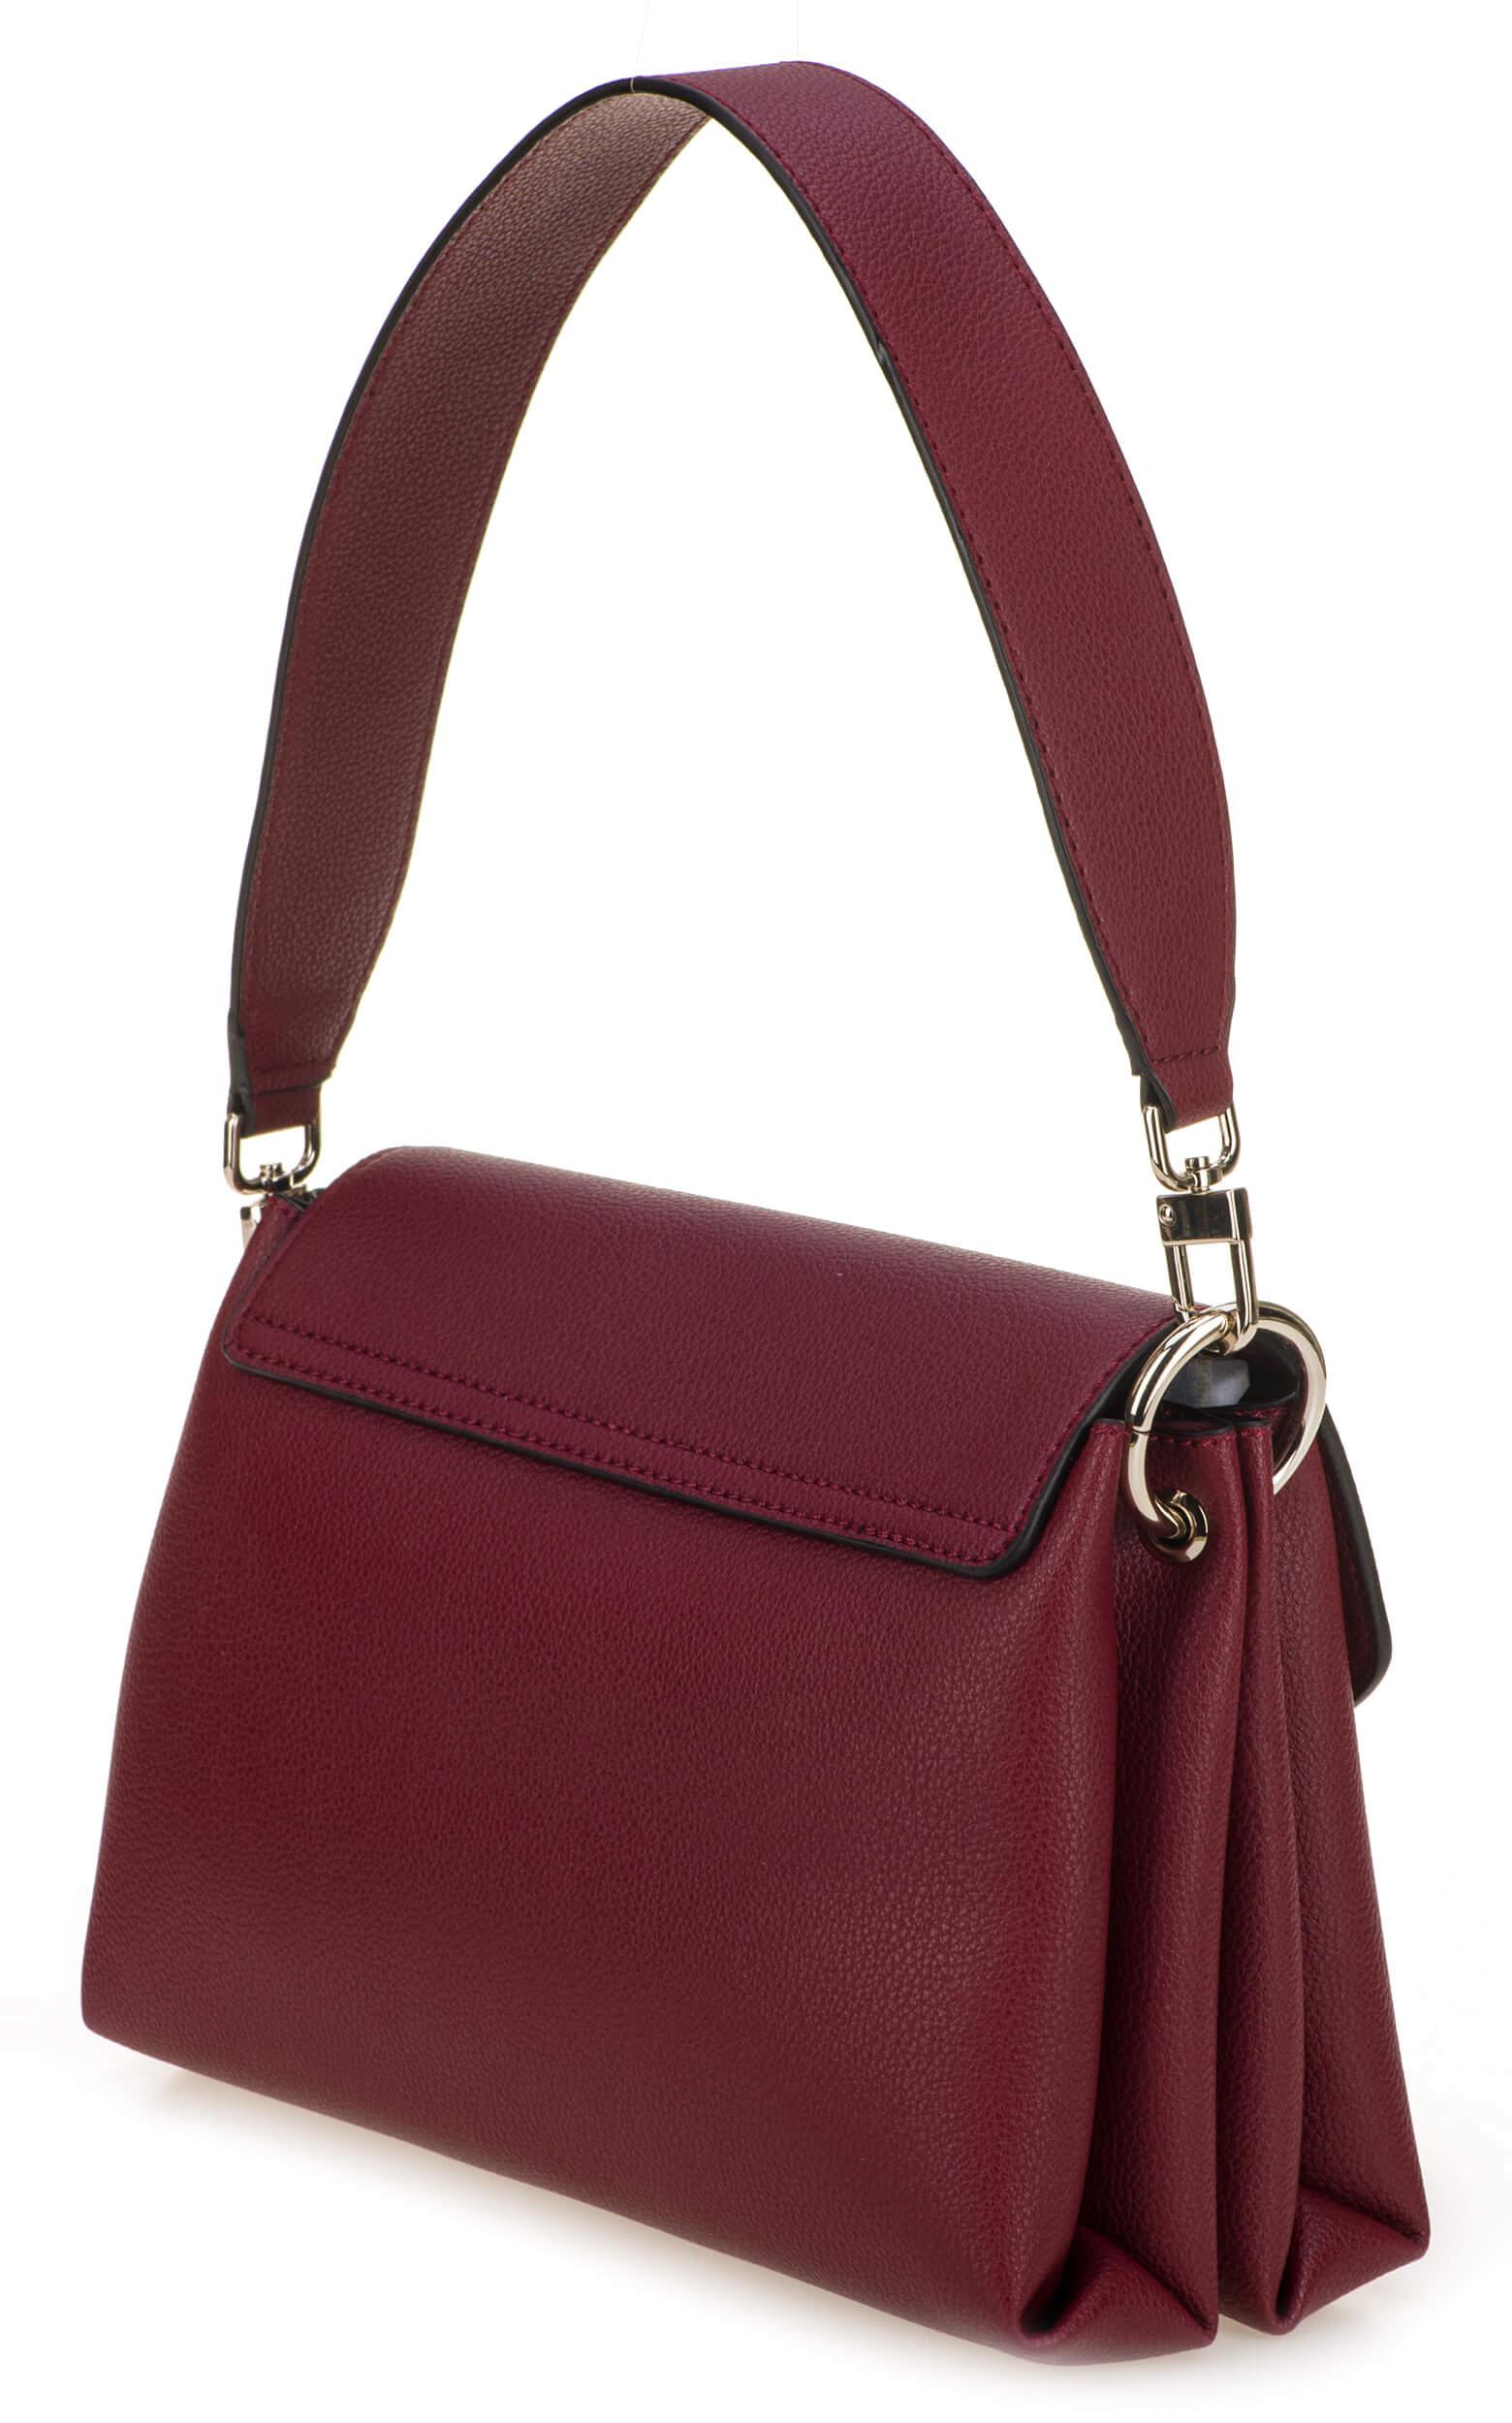 Guess Női táska Digital Shoulder Bag HWVG68 Bordo Ingyenes SZÁLLÍTÁS ... 1fddd3eea7